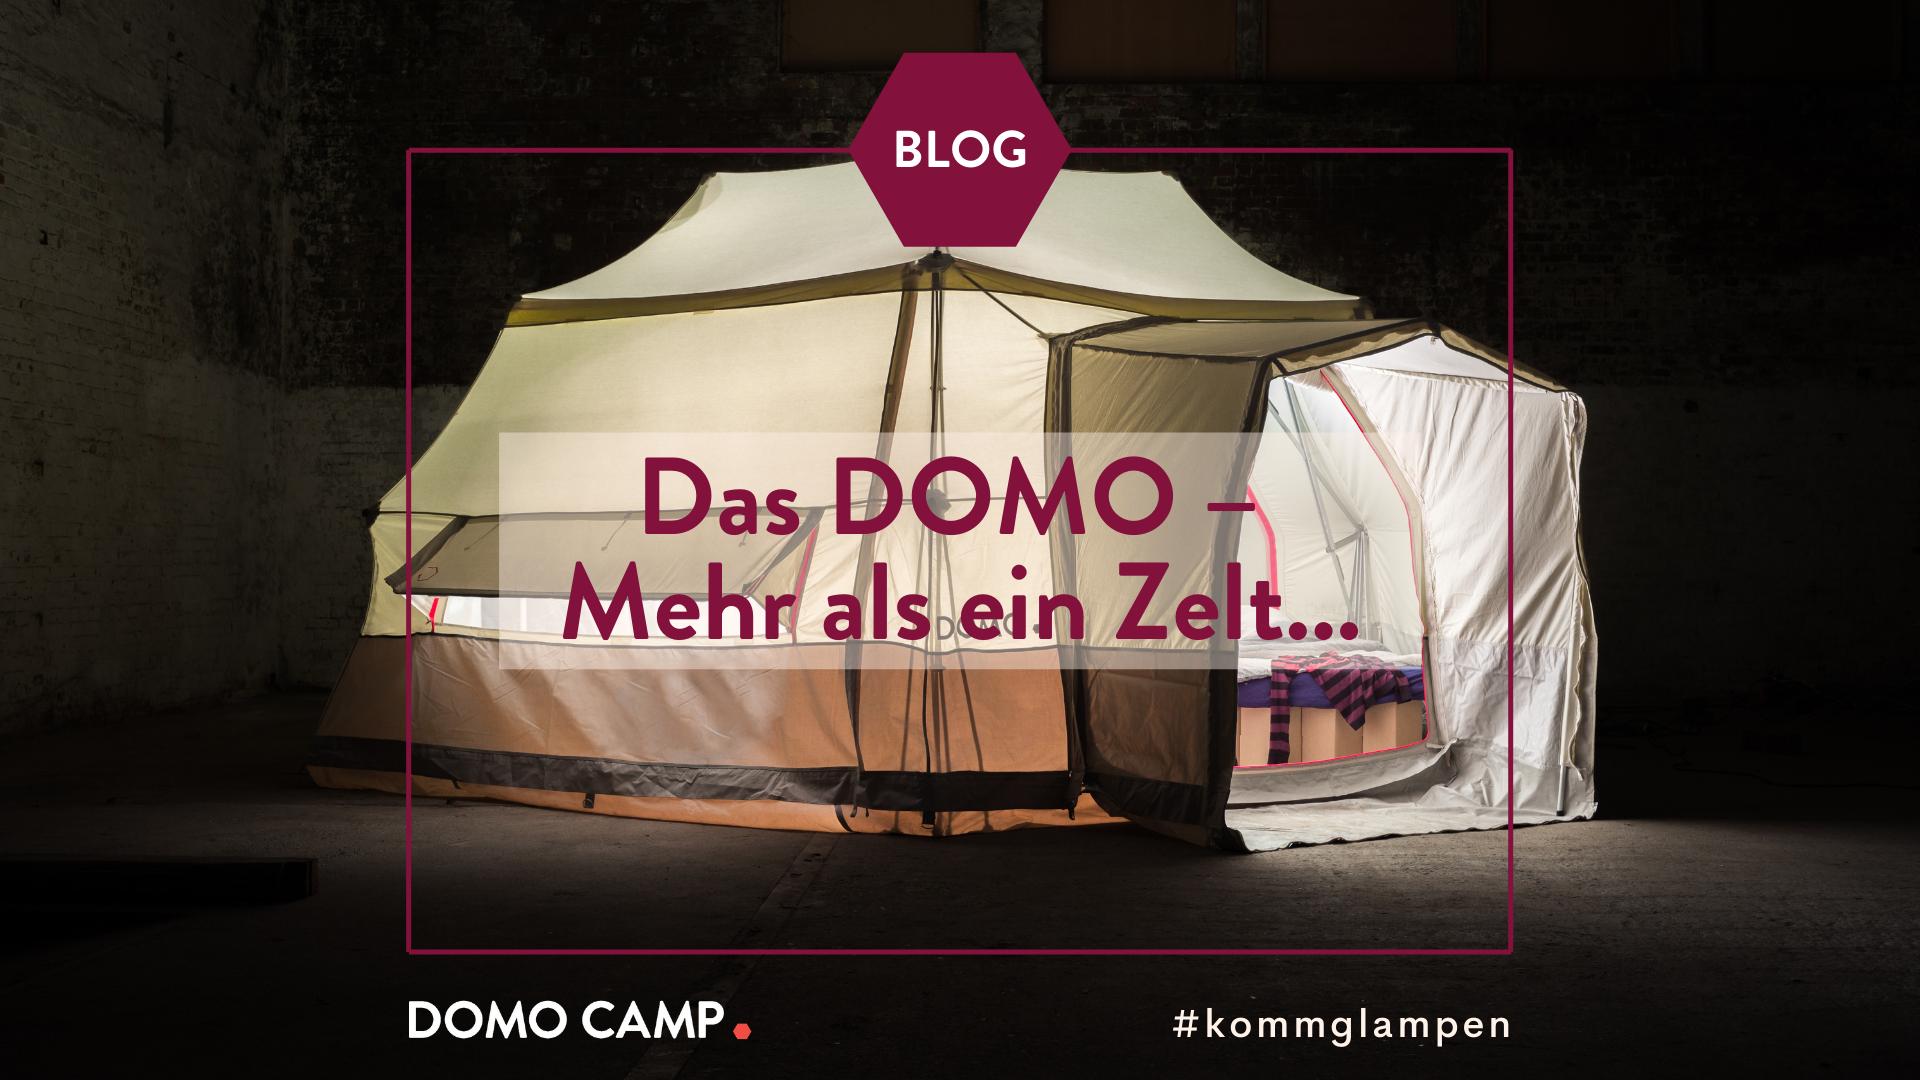 DOMO CAMP BLOG Das DOMO – Mehr als ein Zelt